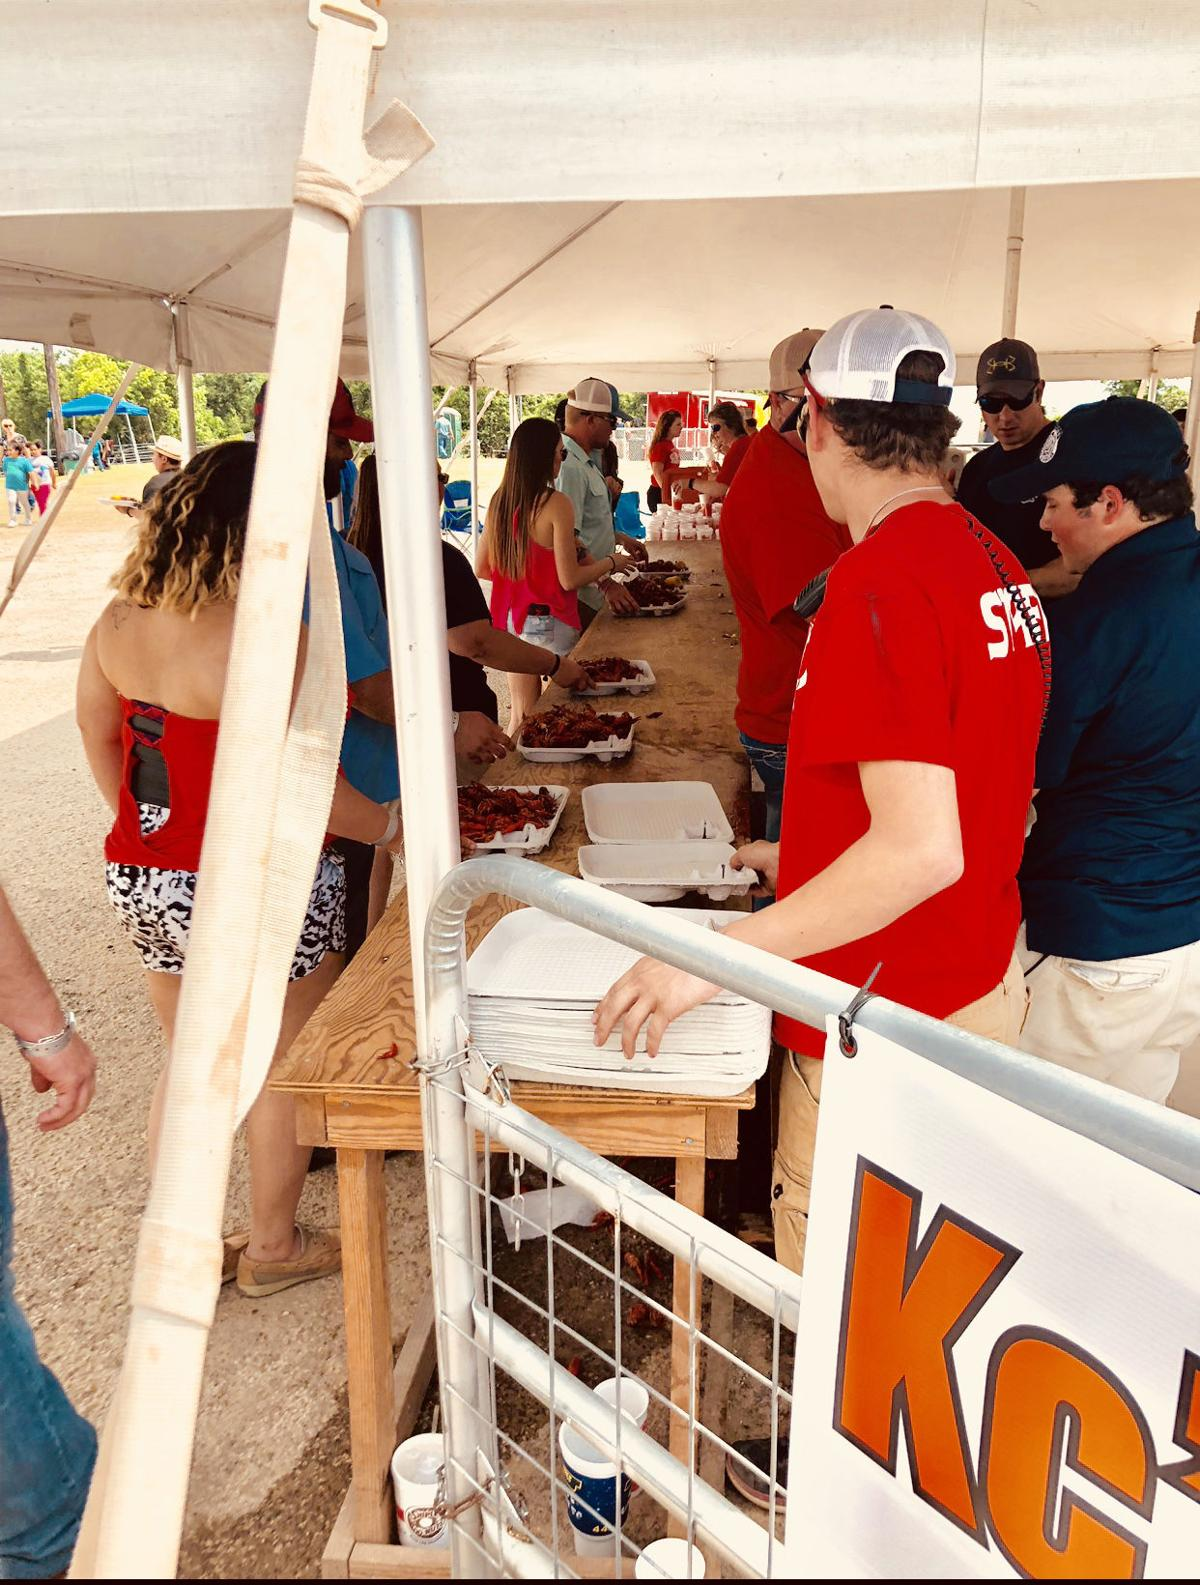 Ganado Volunteer Fire Department's annual Crawfish Festival